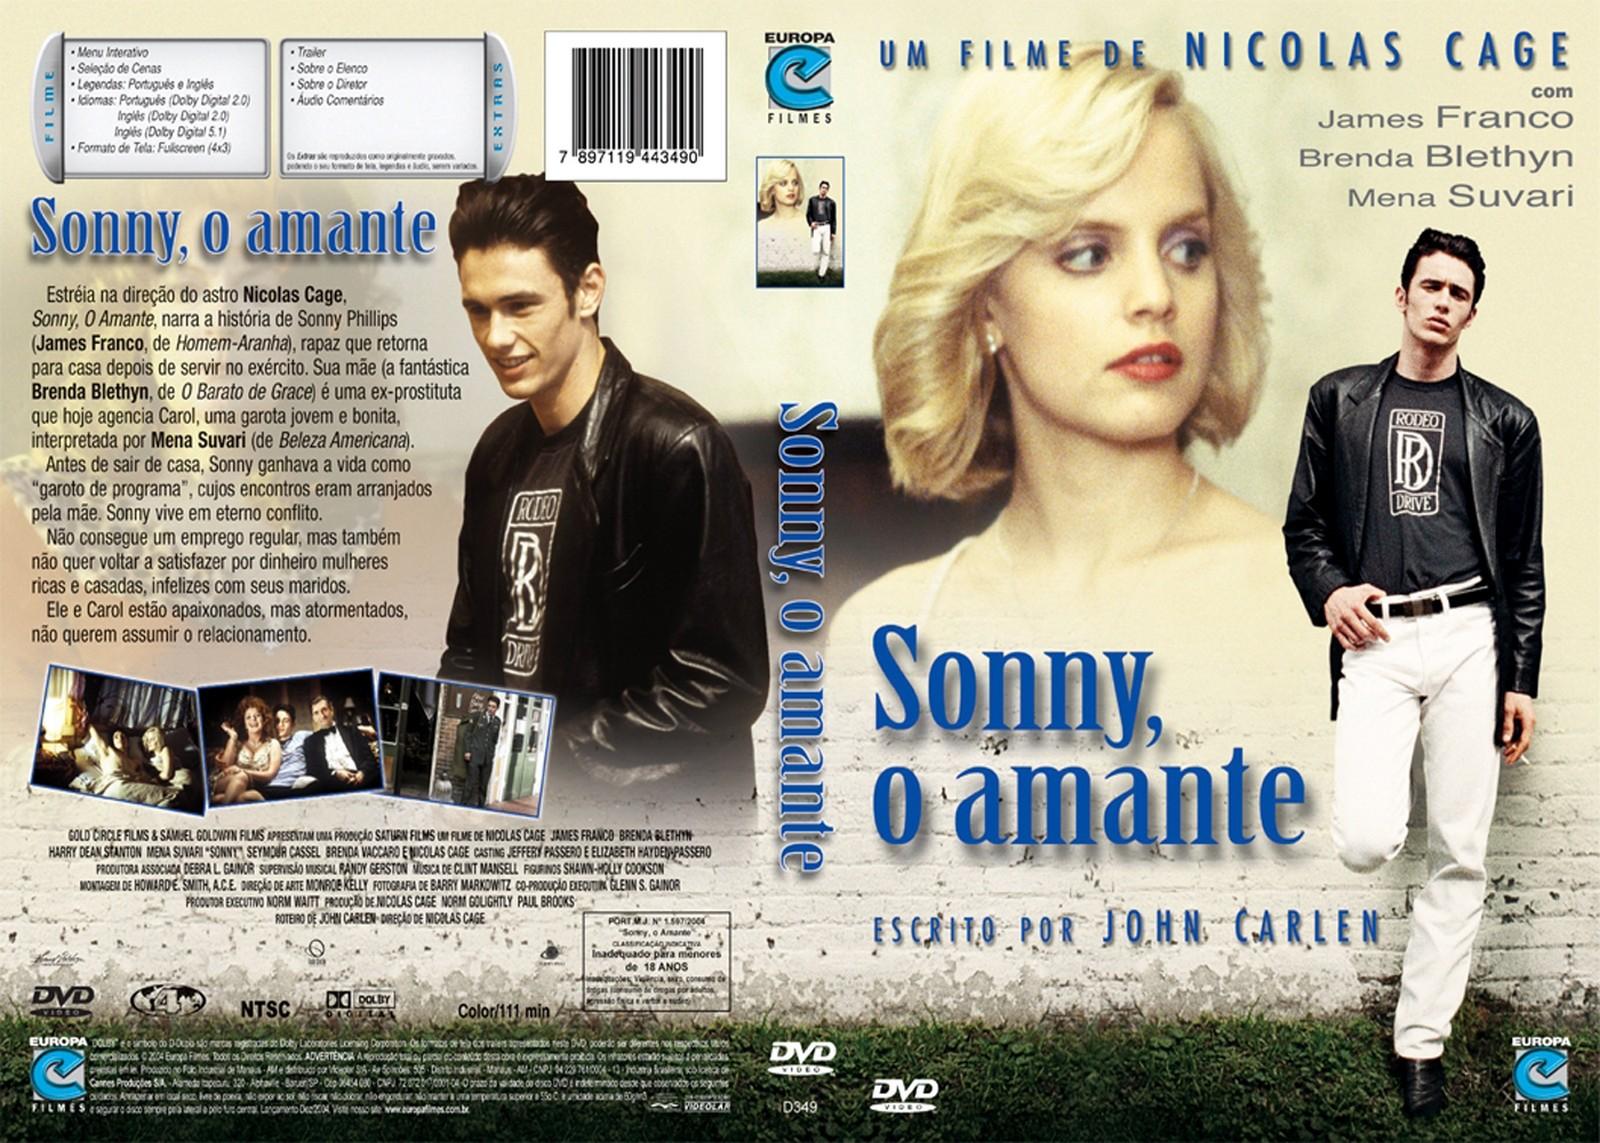 http://3.bp.blogspot.com/_WHxjd2HO-SQ/S_5o40LrL8I/AAAAAAAAAsM/MpfcJzXzY_w/s1600/Sonny-O-Amante.jpg